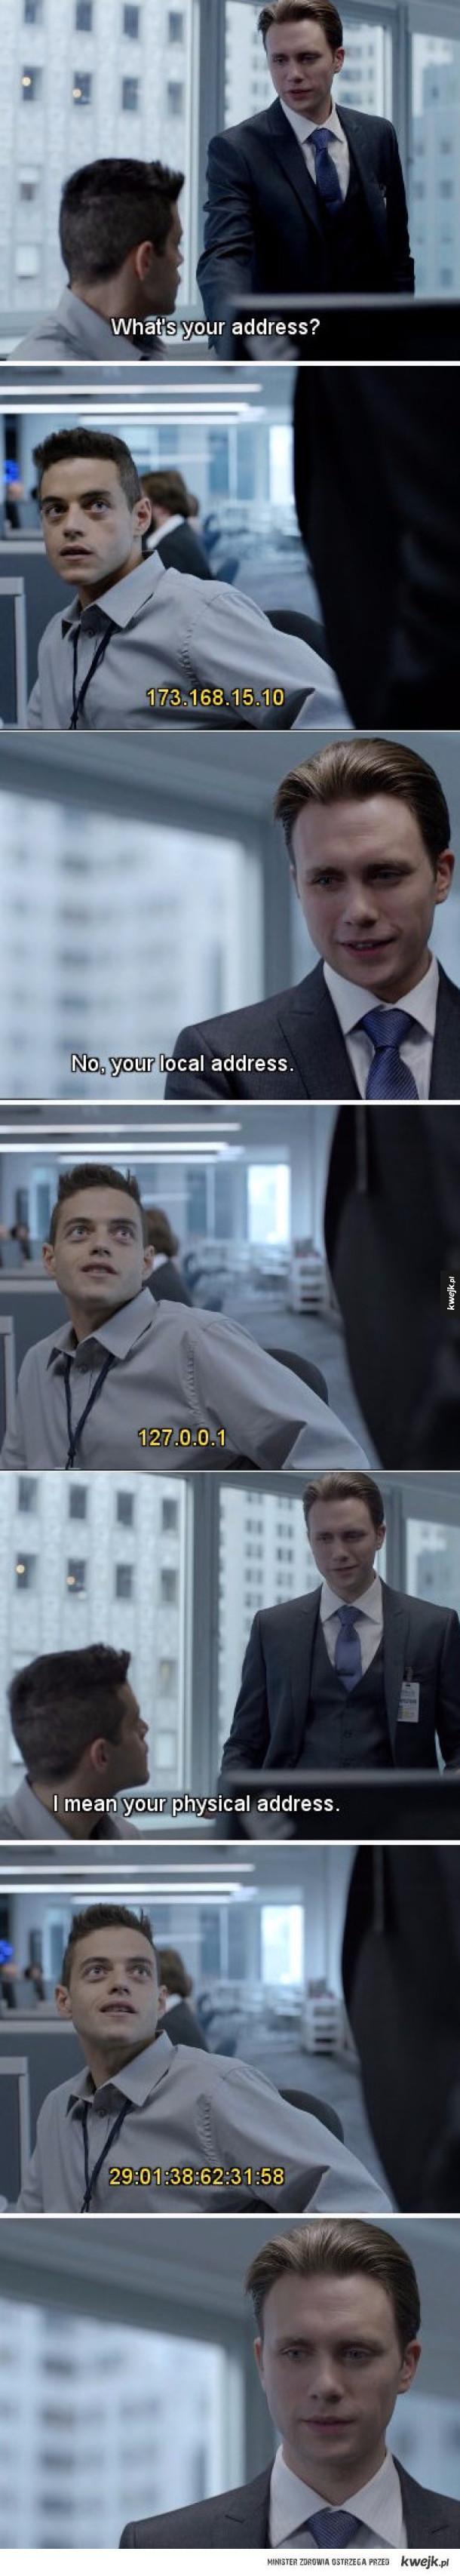 podaj adres